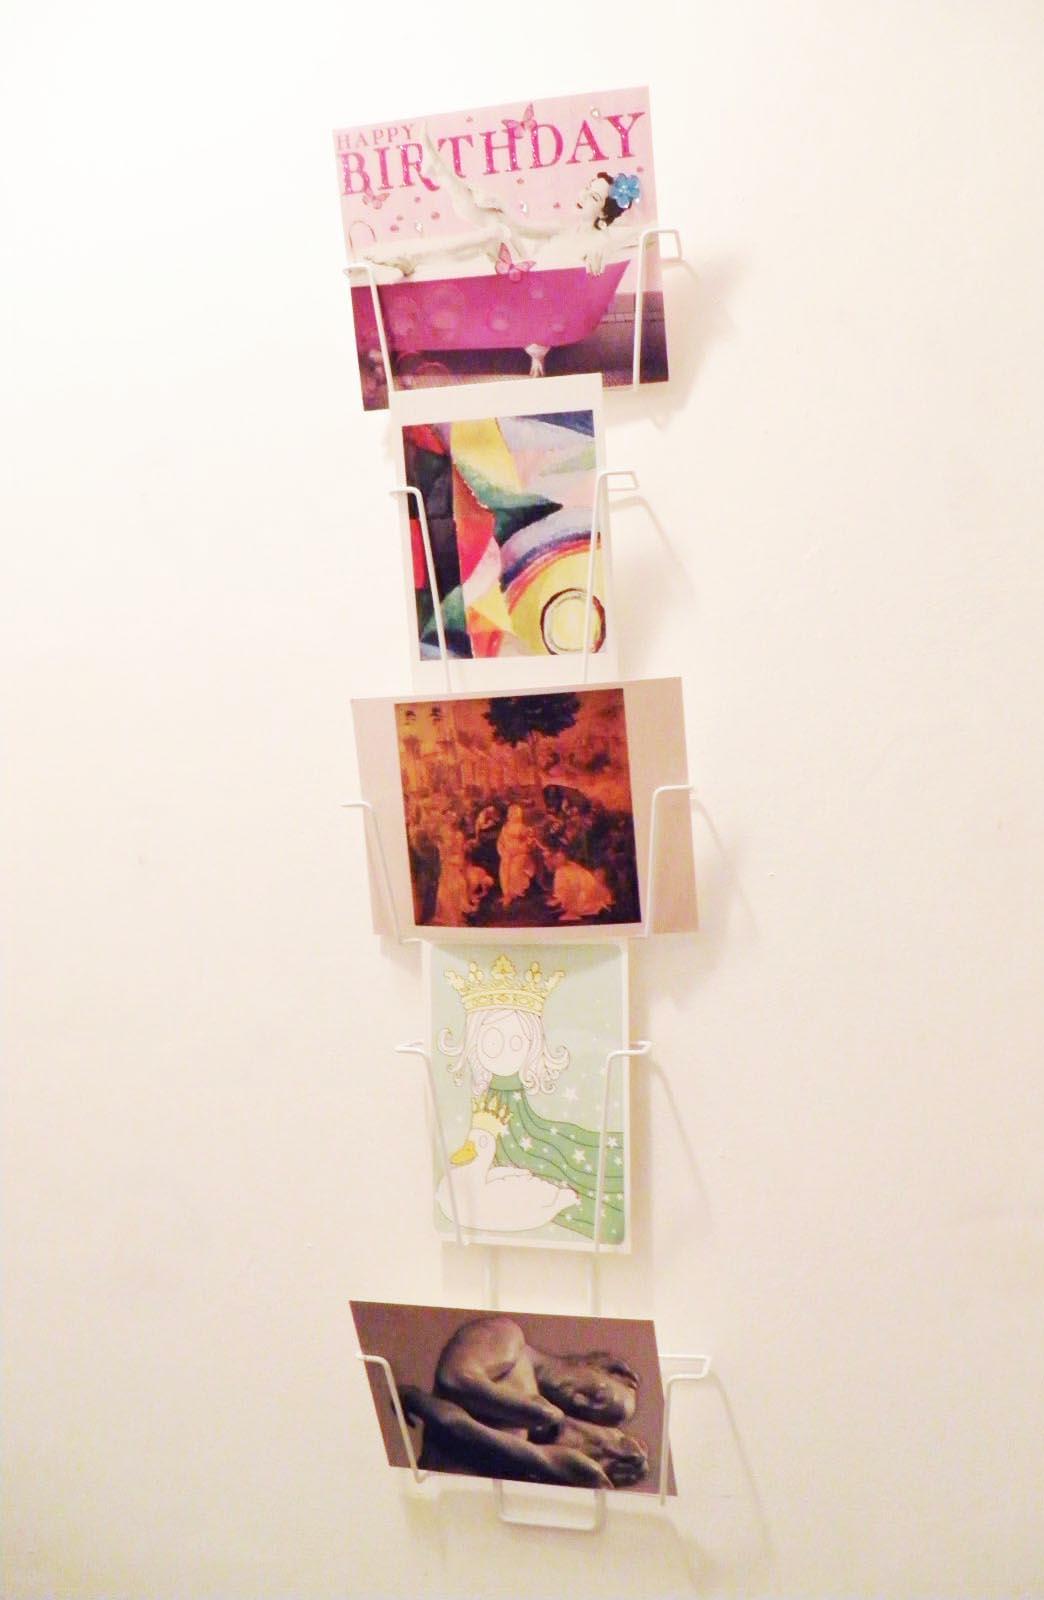 Comment faire soi-meme ses cartes postales ?